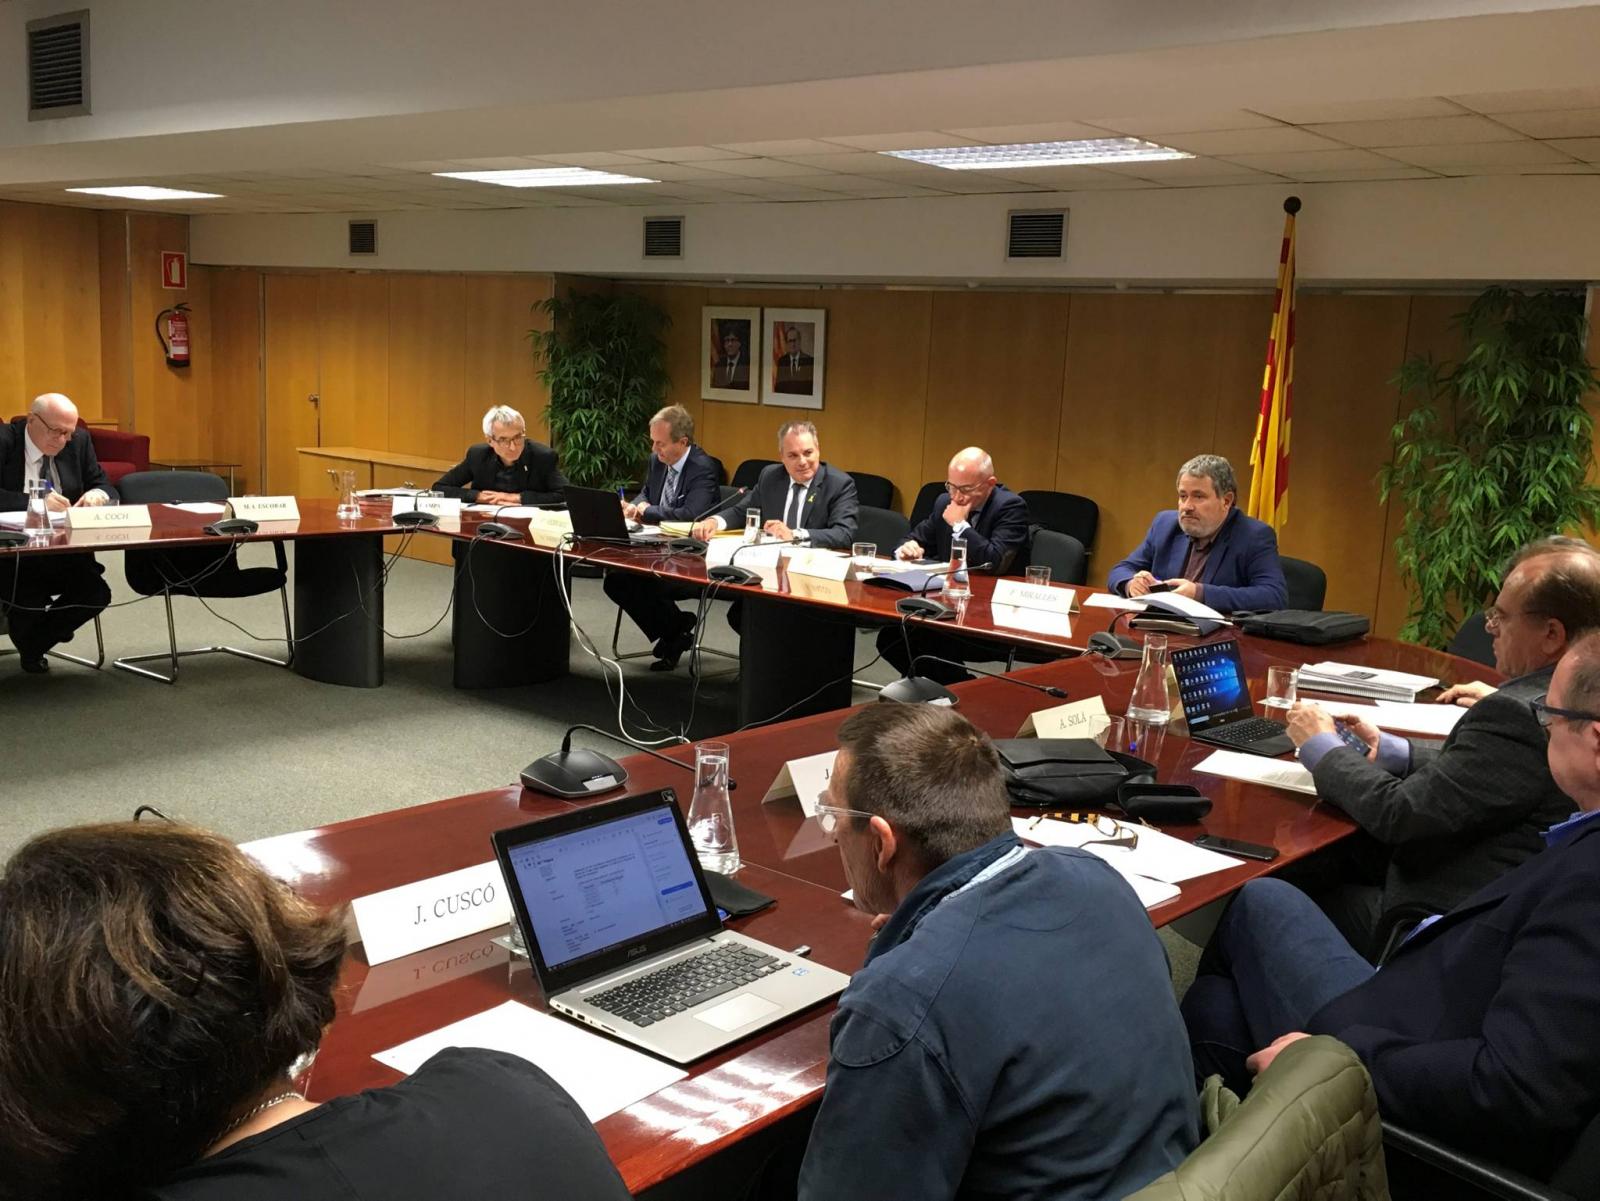 Reunió del consell d'administració de l'Agència Catalana de l'Aigua